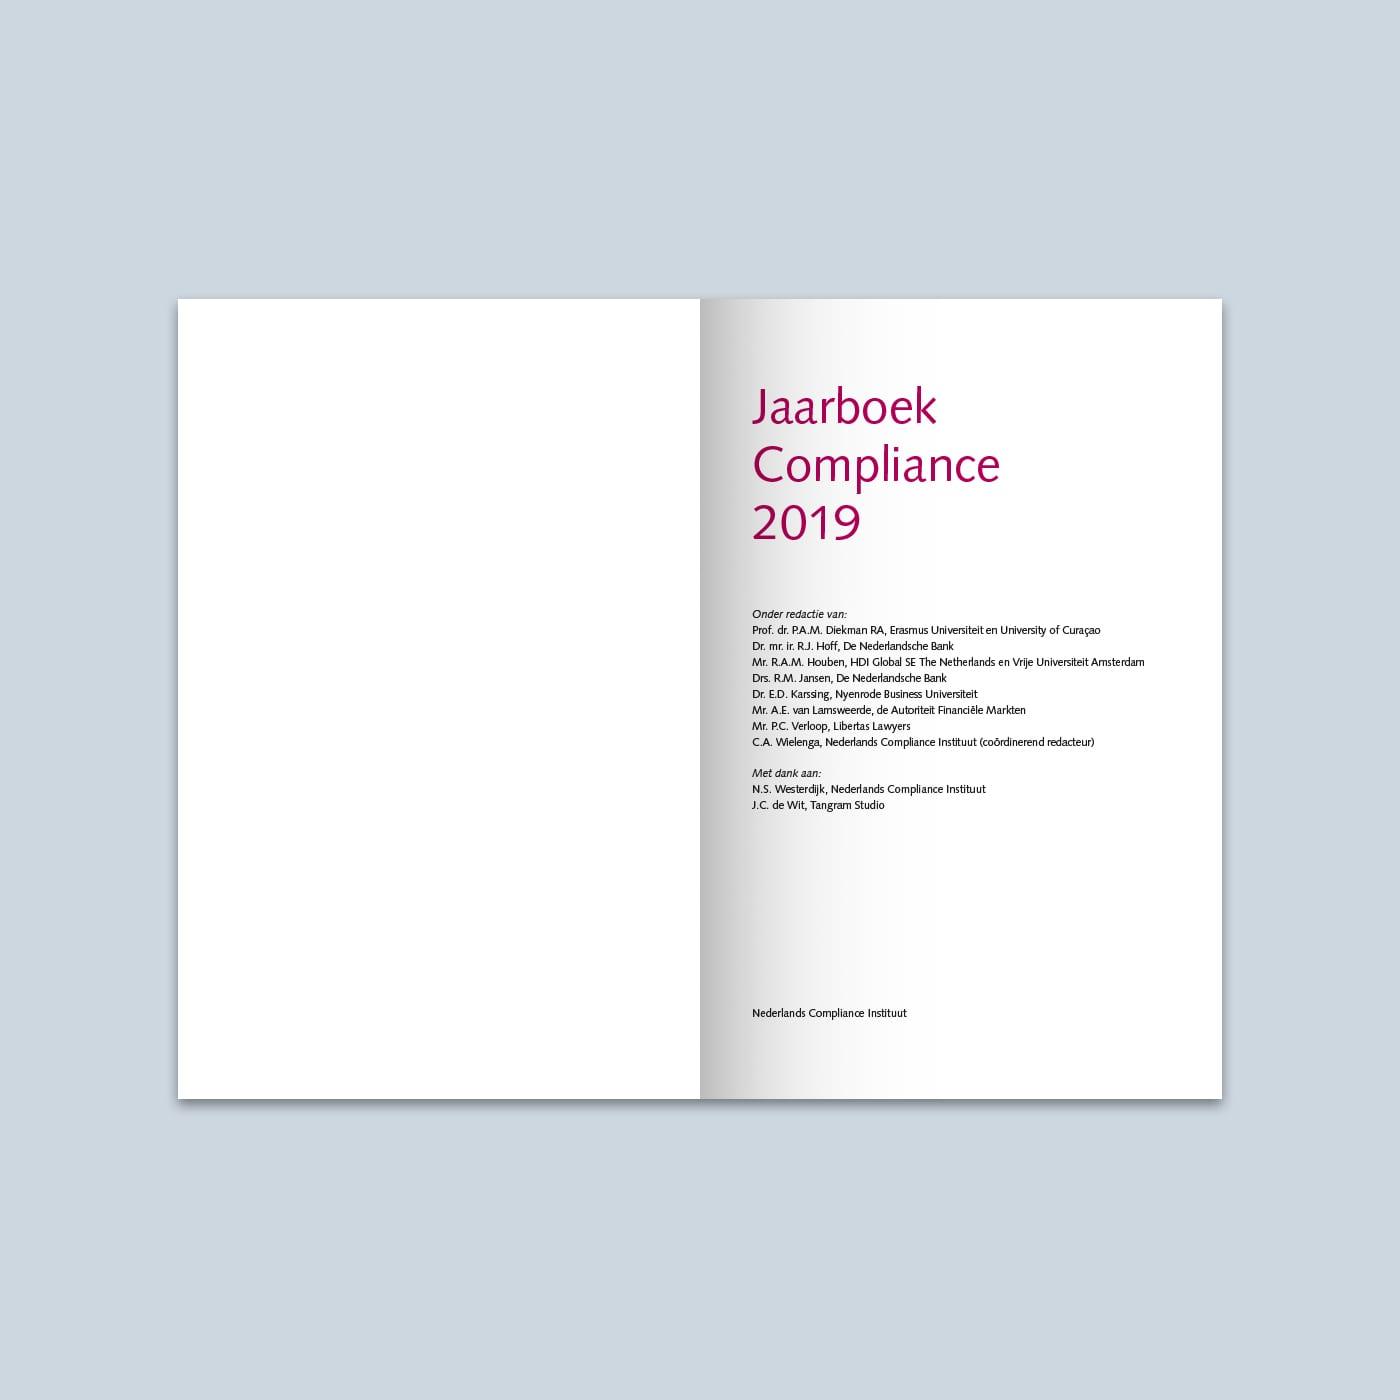 Jaarboek Compliance 2019 binnenwerk 1